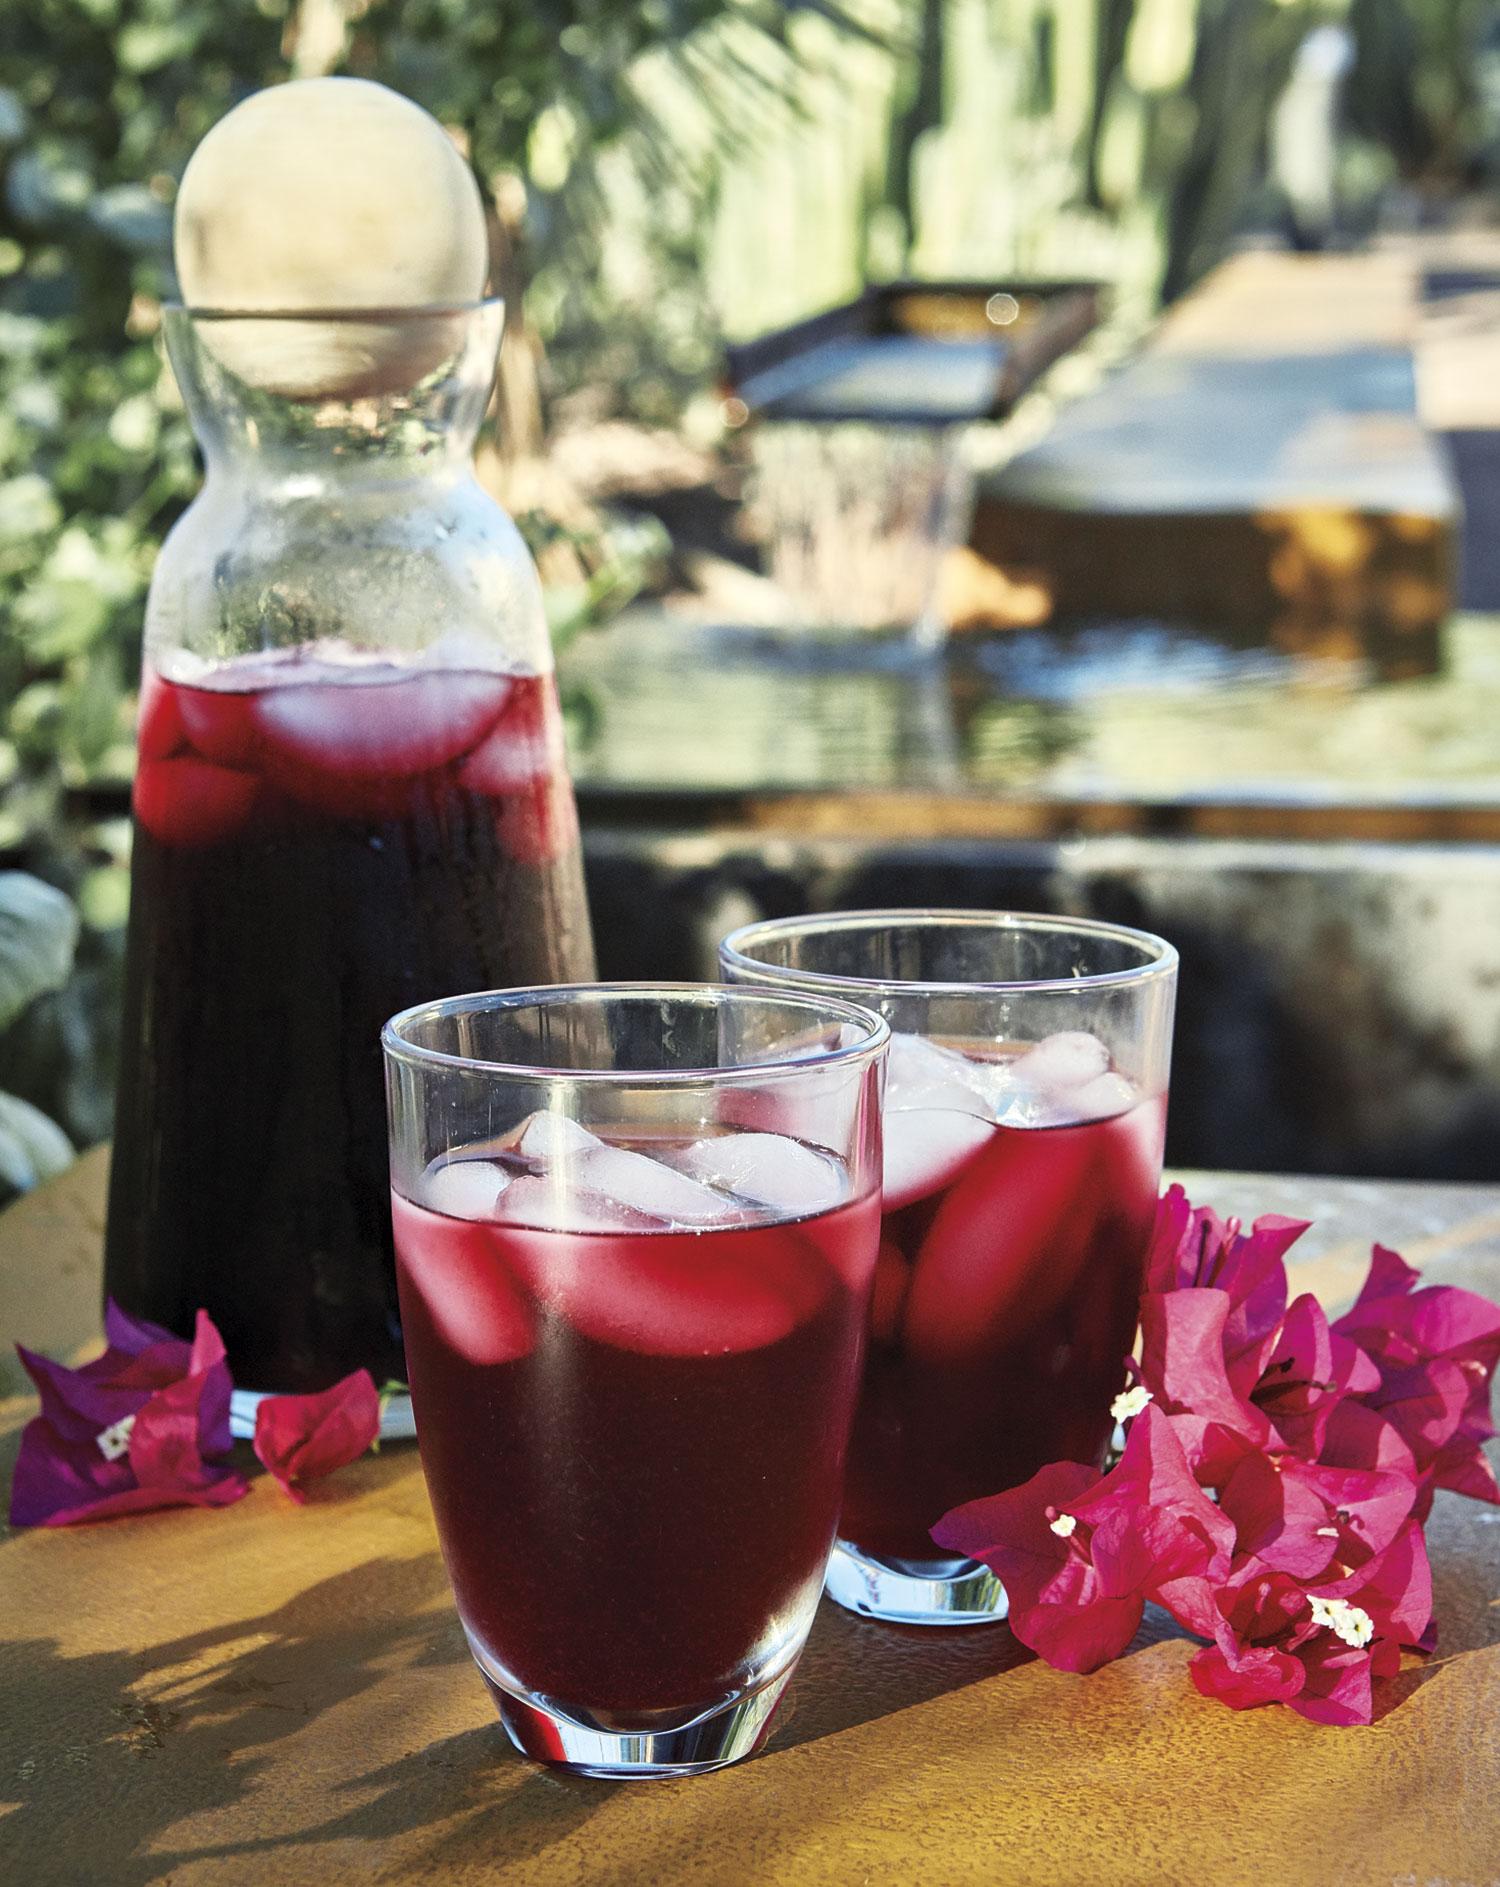 Bougainvillea Flower Water With Hibiscus Phoenix Home Garden